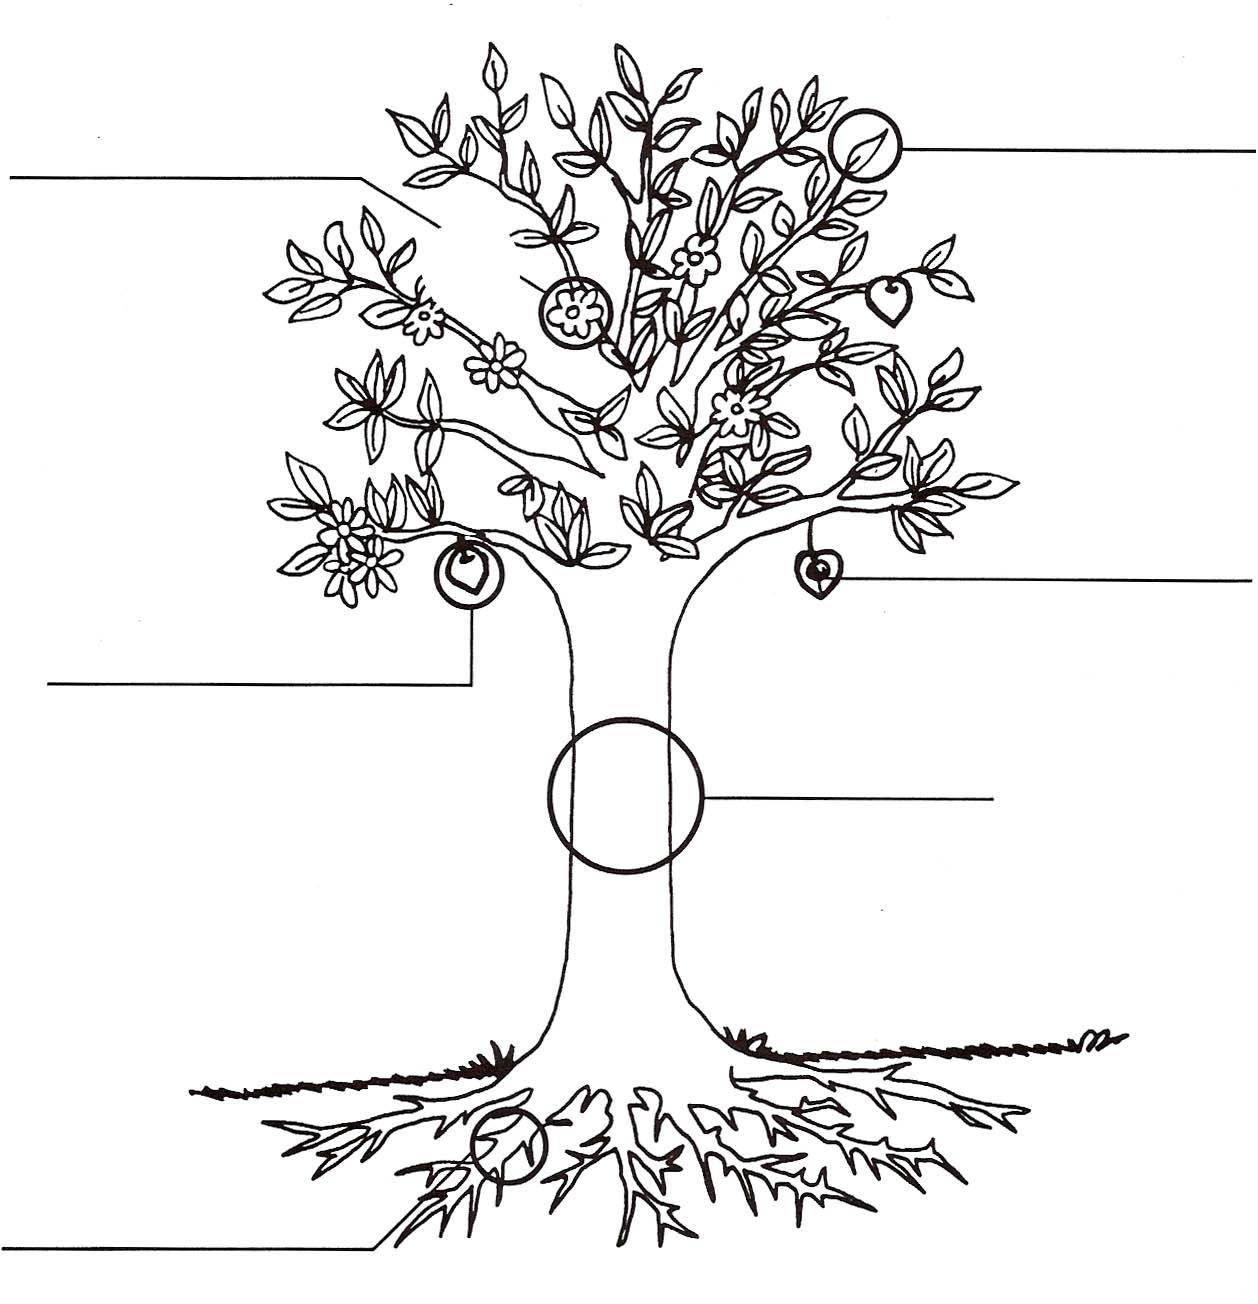 Planta para colorear con sus partes - Imagui